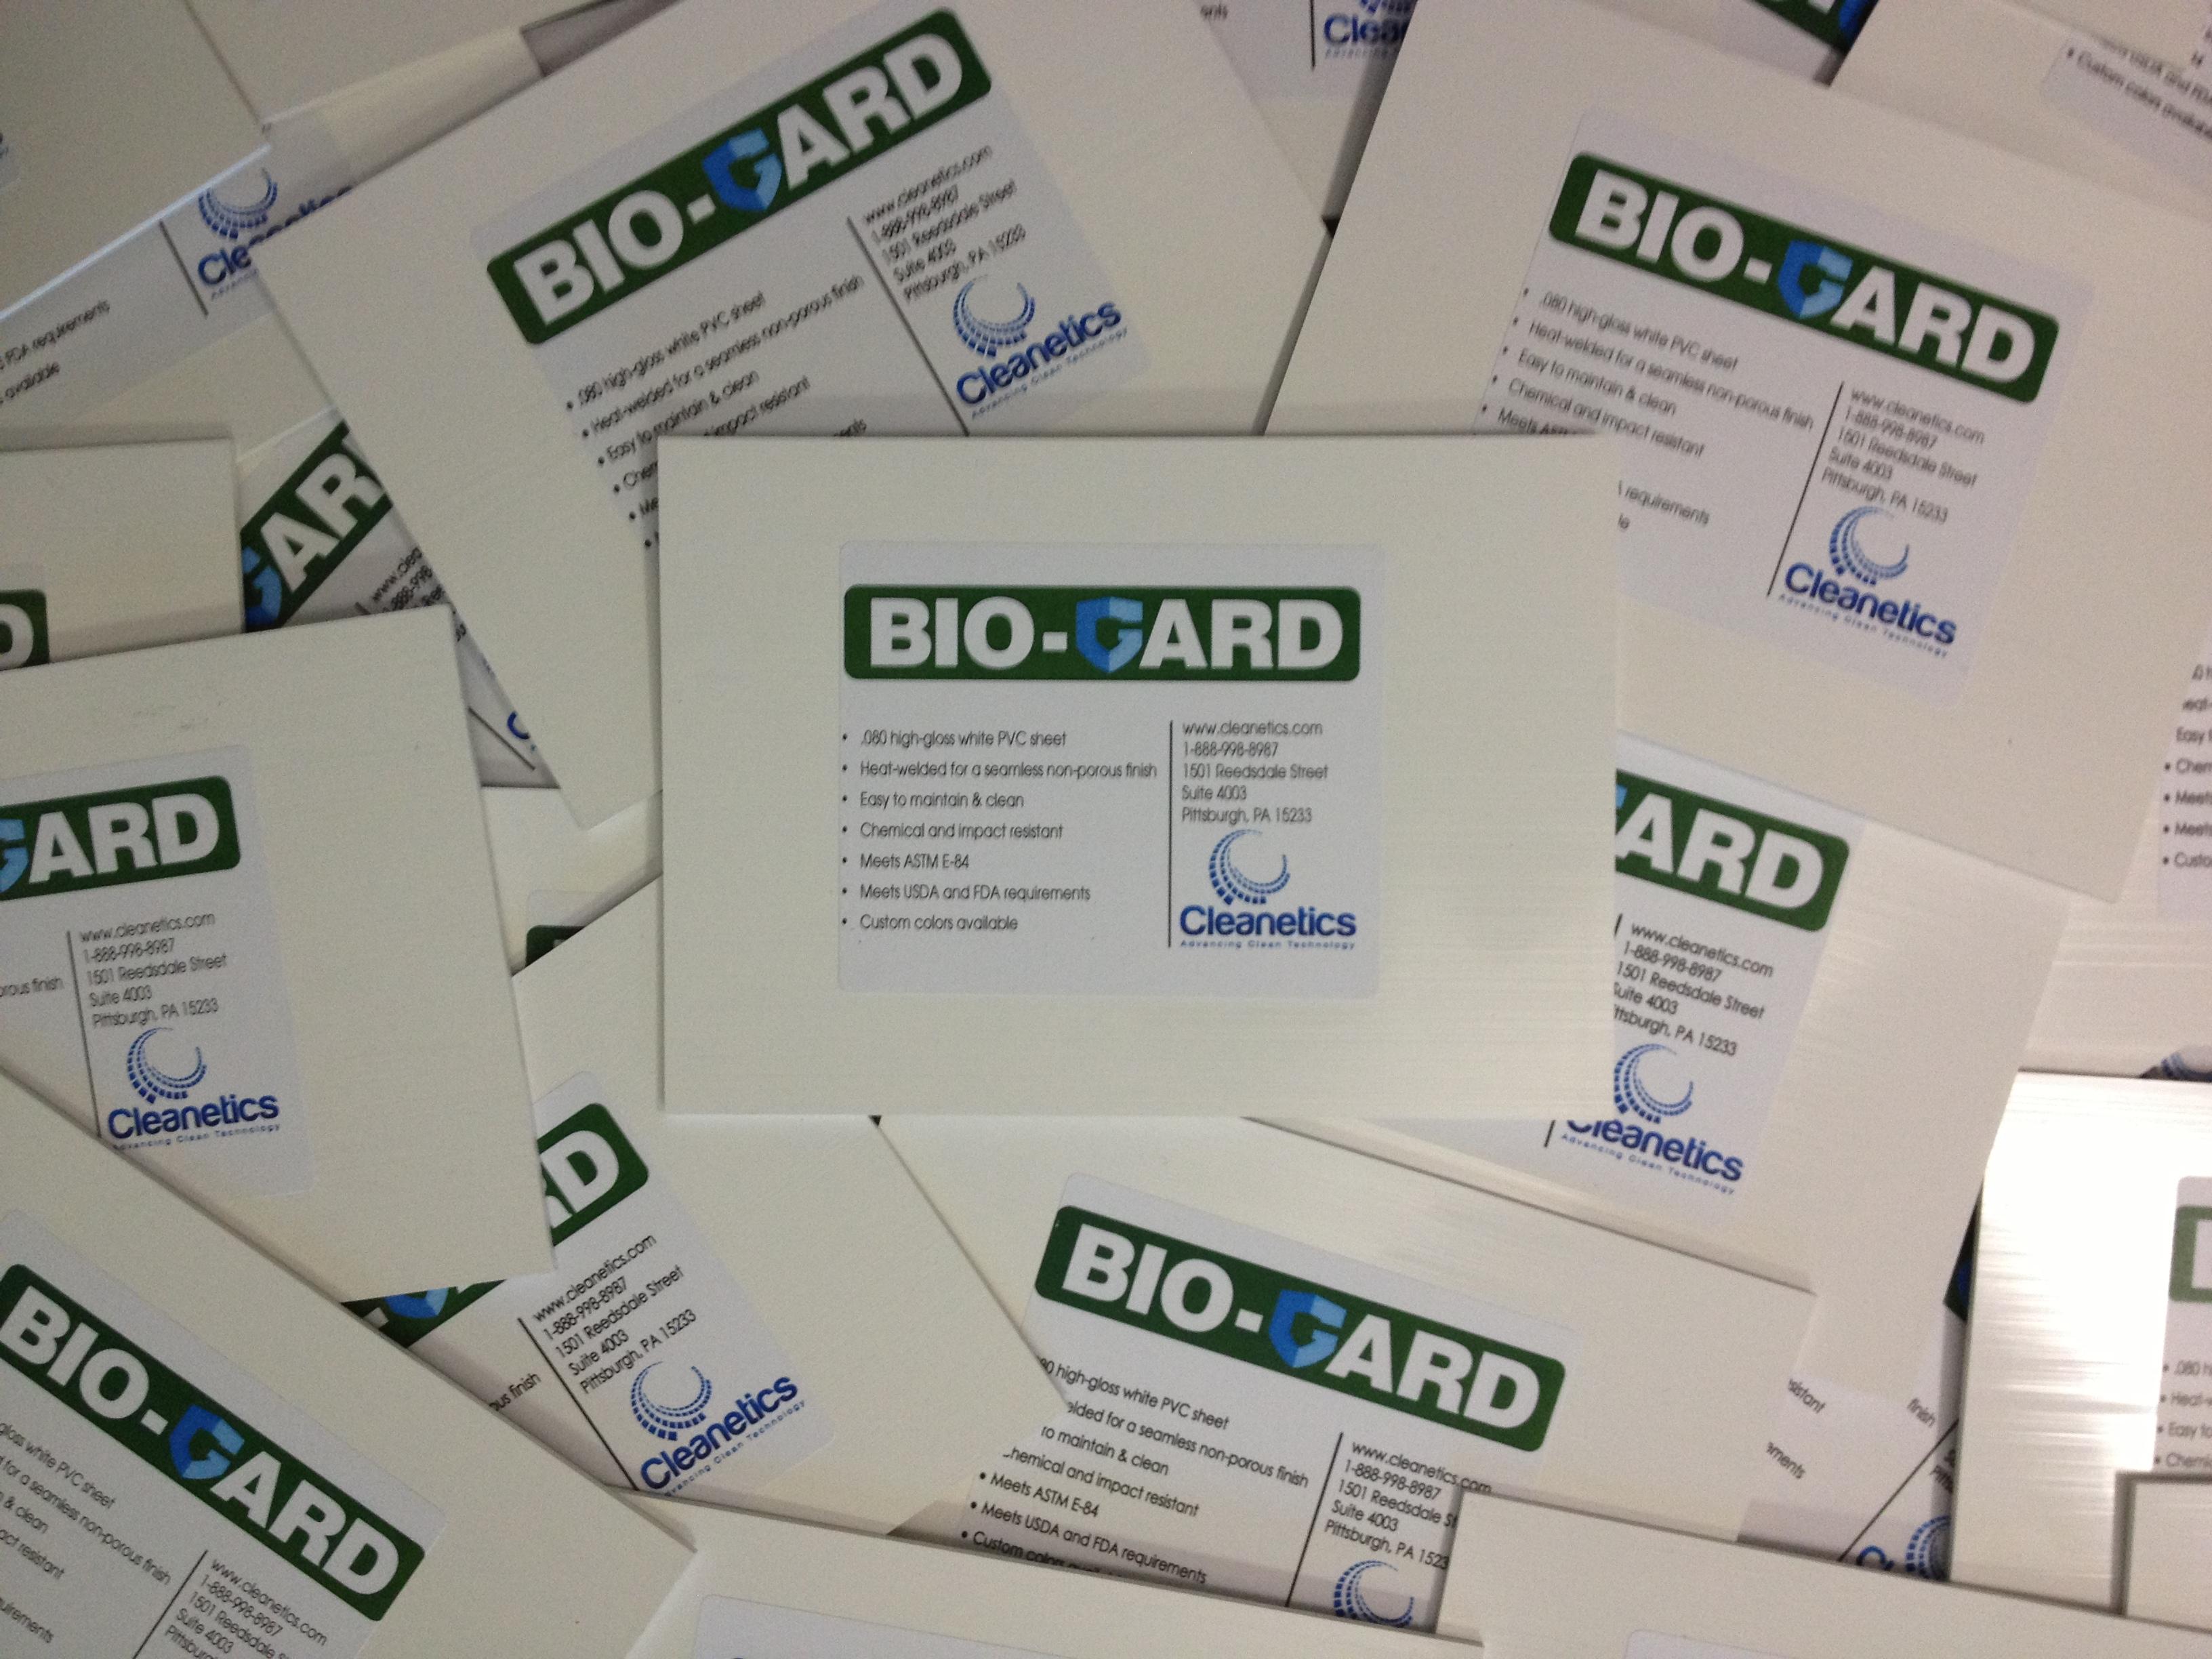 Bio-Gard Samples